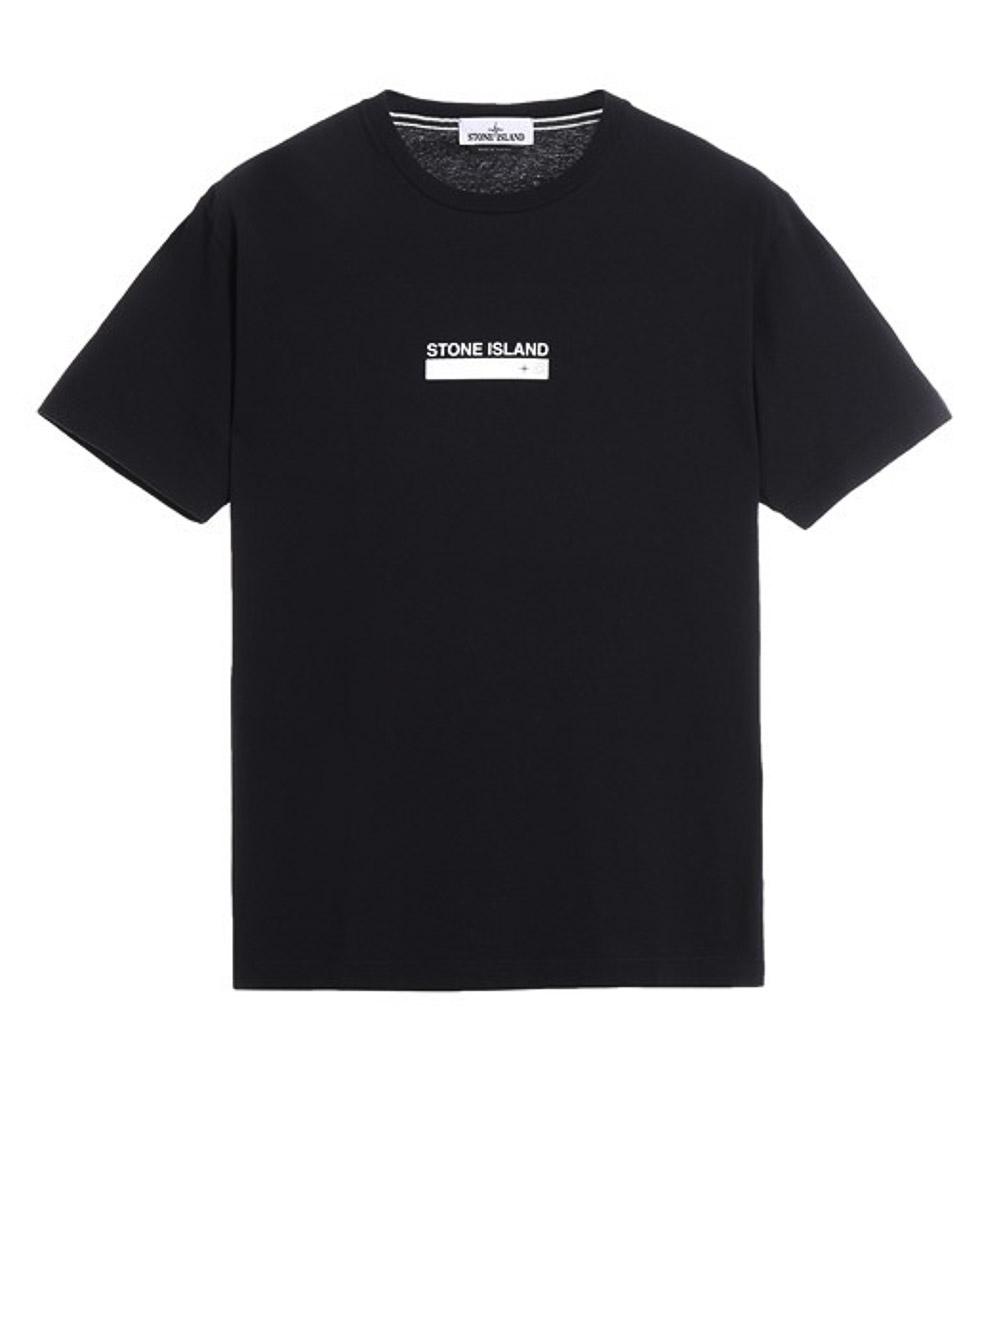 STONE ISLAND Μπλούζα T-Shirt MO74152NS55-V0029 ΜΑΥΡΟ